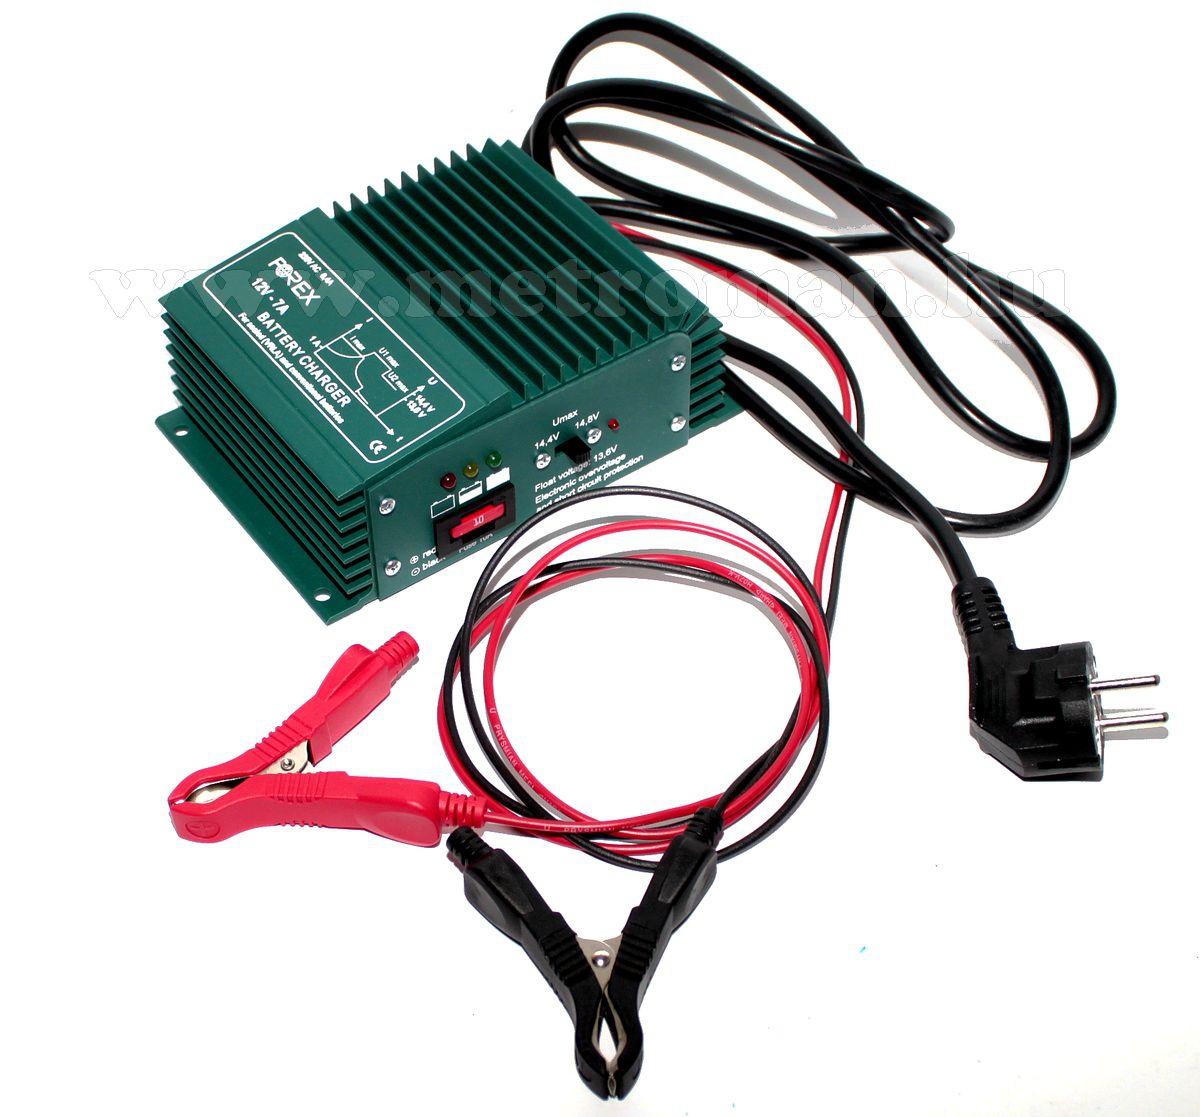 Beépíthető intelligens automata autó - hajó akkumulátor töltő, csepptöltő Forex T127